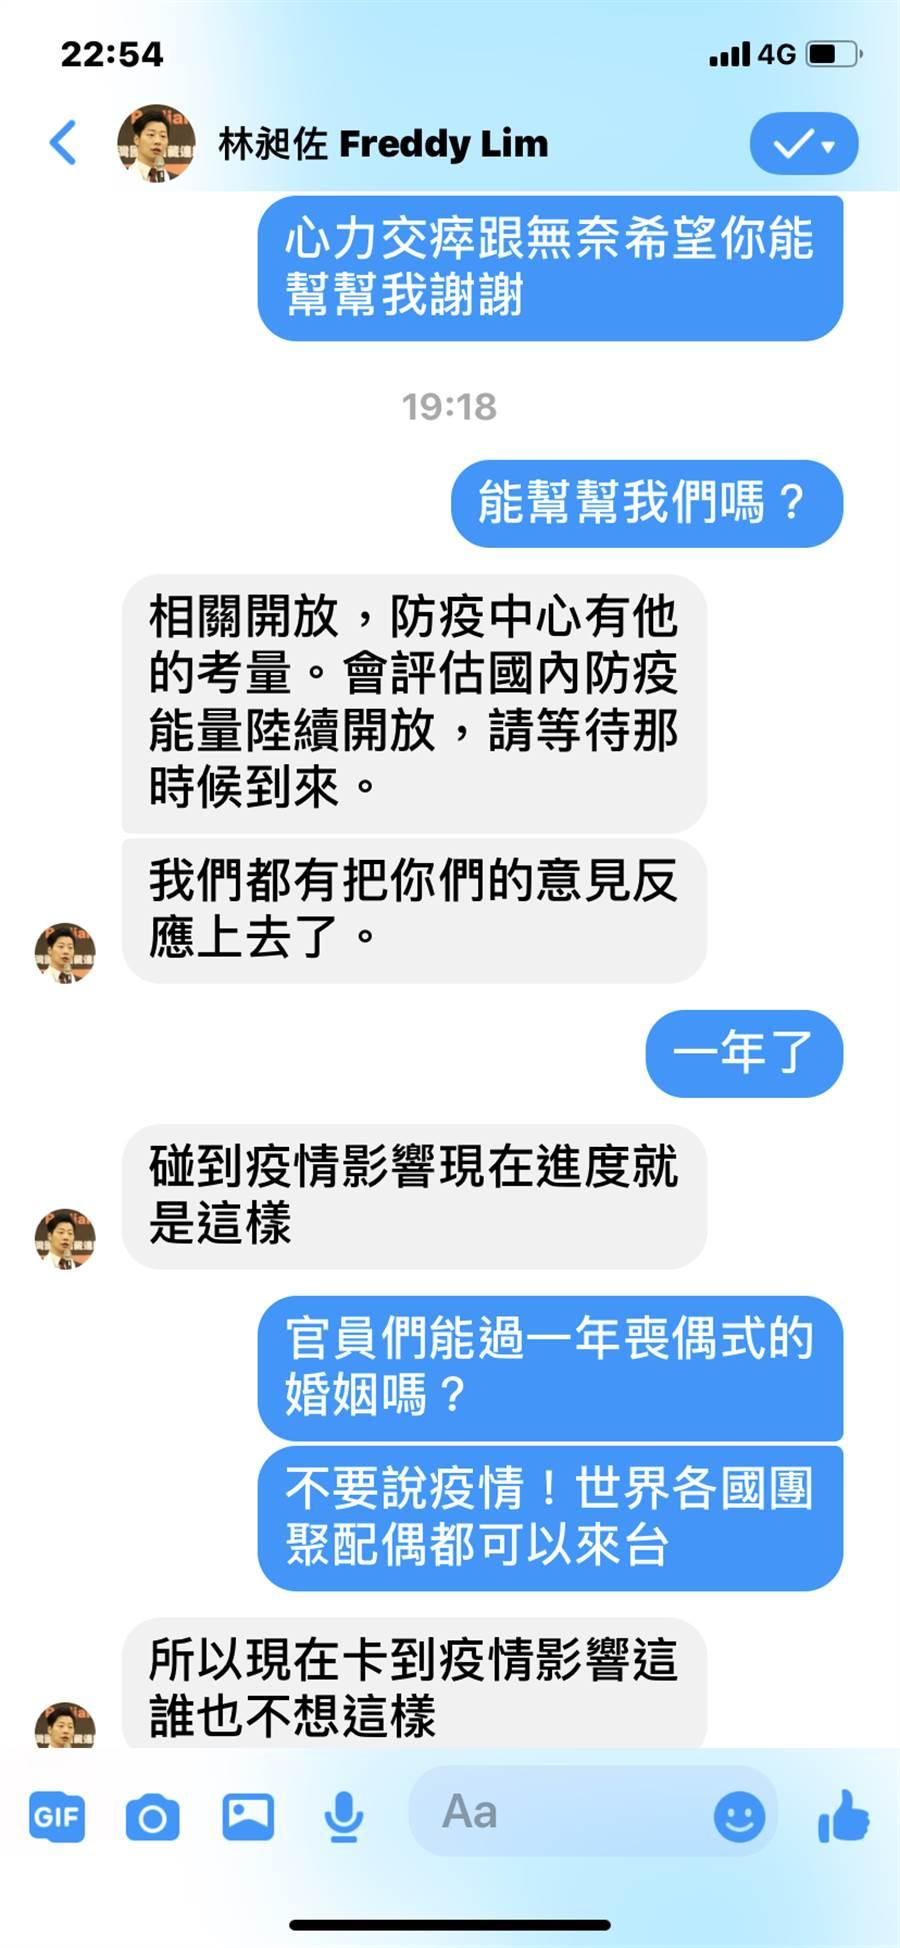 高雄一名H先生表示,與身在廣東的新婚太太已將近1年沒見面,已求助無門,近日透過臉書發訊息給時代力量立委林昶佐,獲得的回應卻是因政治關係而無法開放陸配申請團聚,讓他氣憤不已。(H先生提供/李侑珊台北傳真)